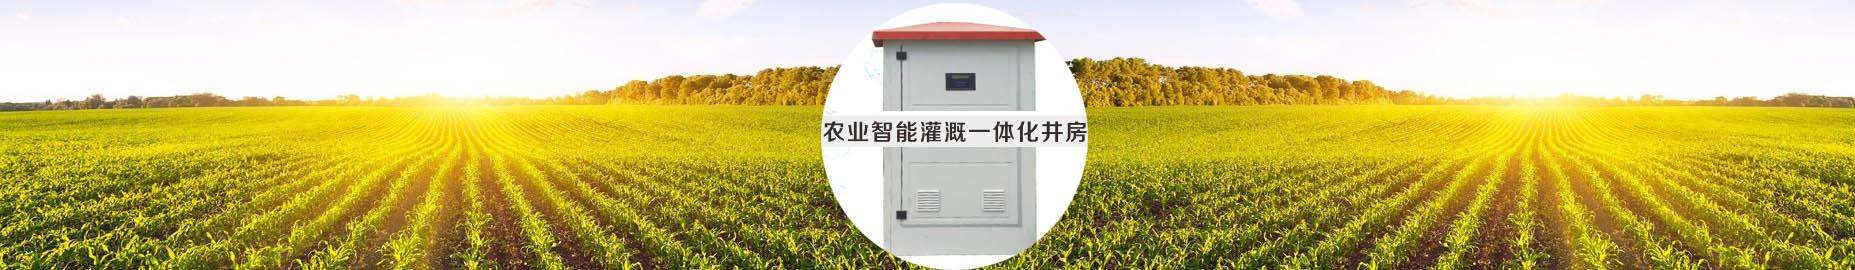 农业智能灌溉一体化井房